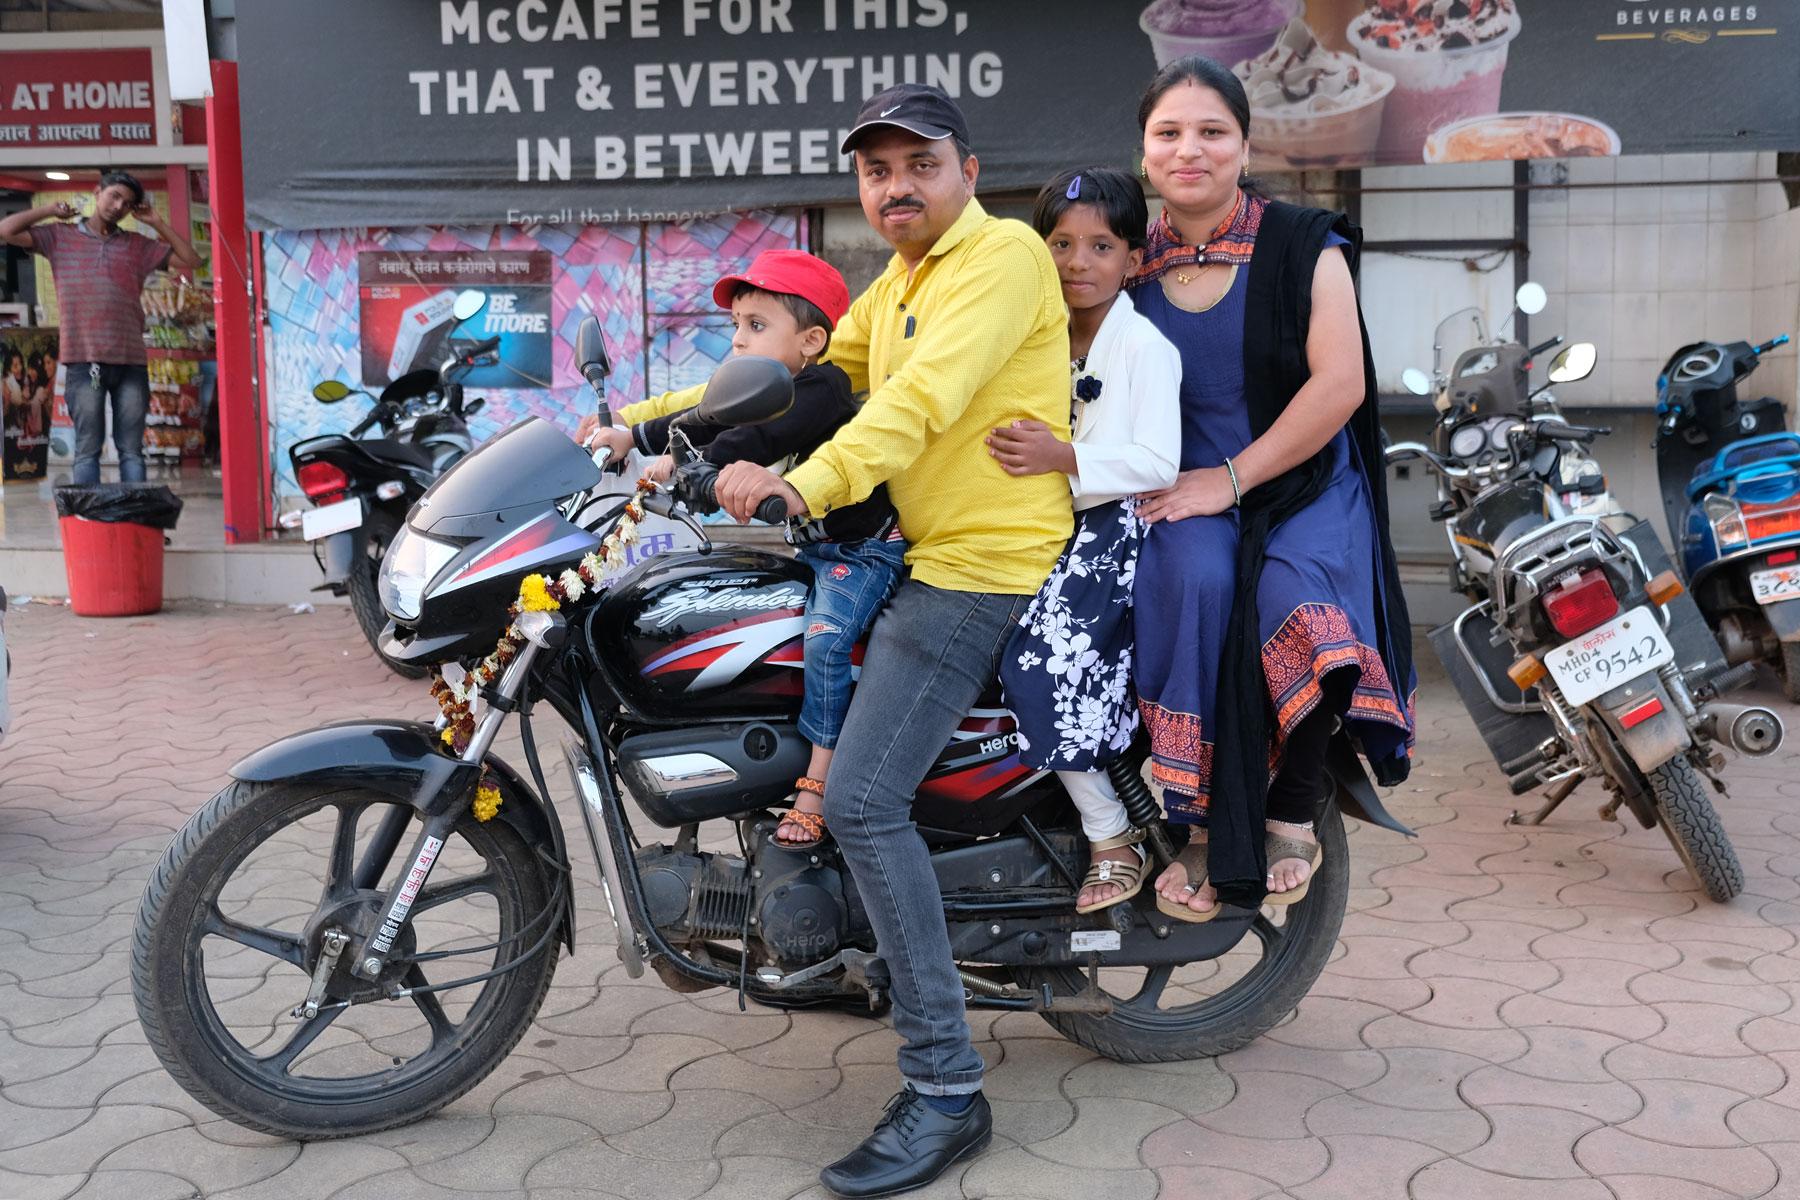 Eine indische Famlie sitzt auf einem Motorrad.